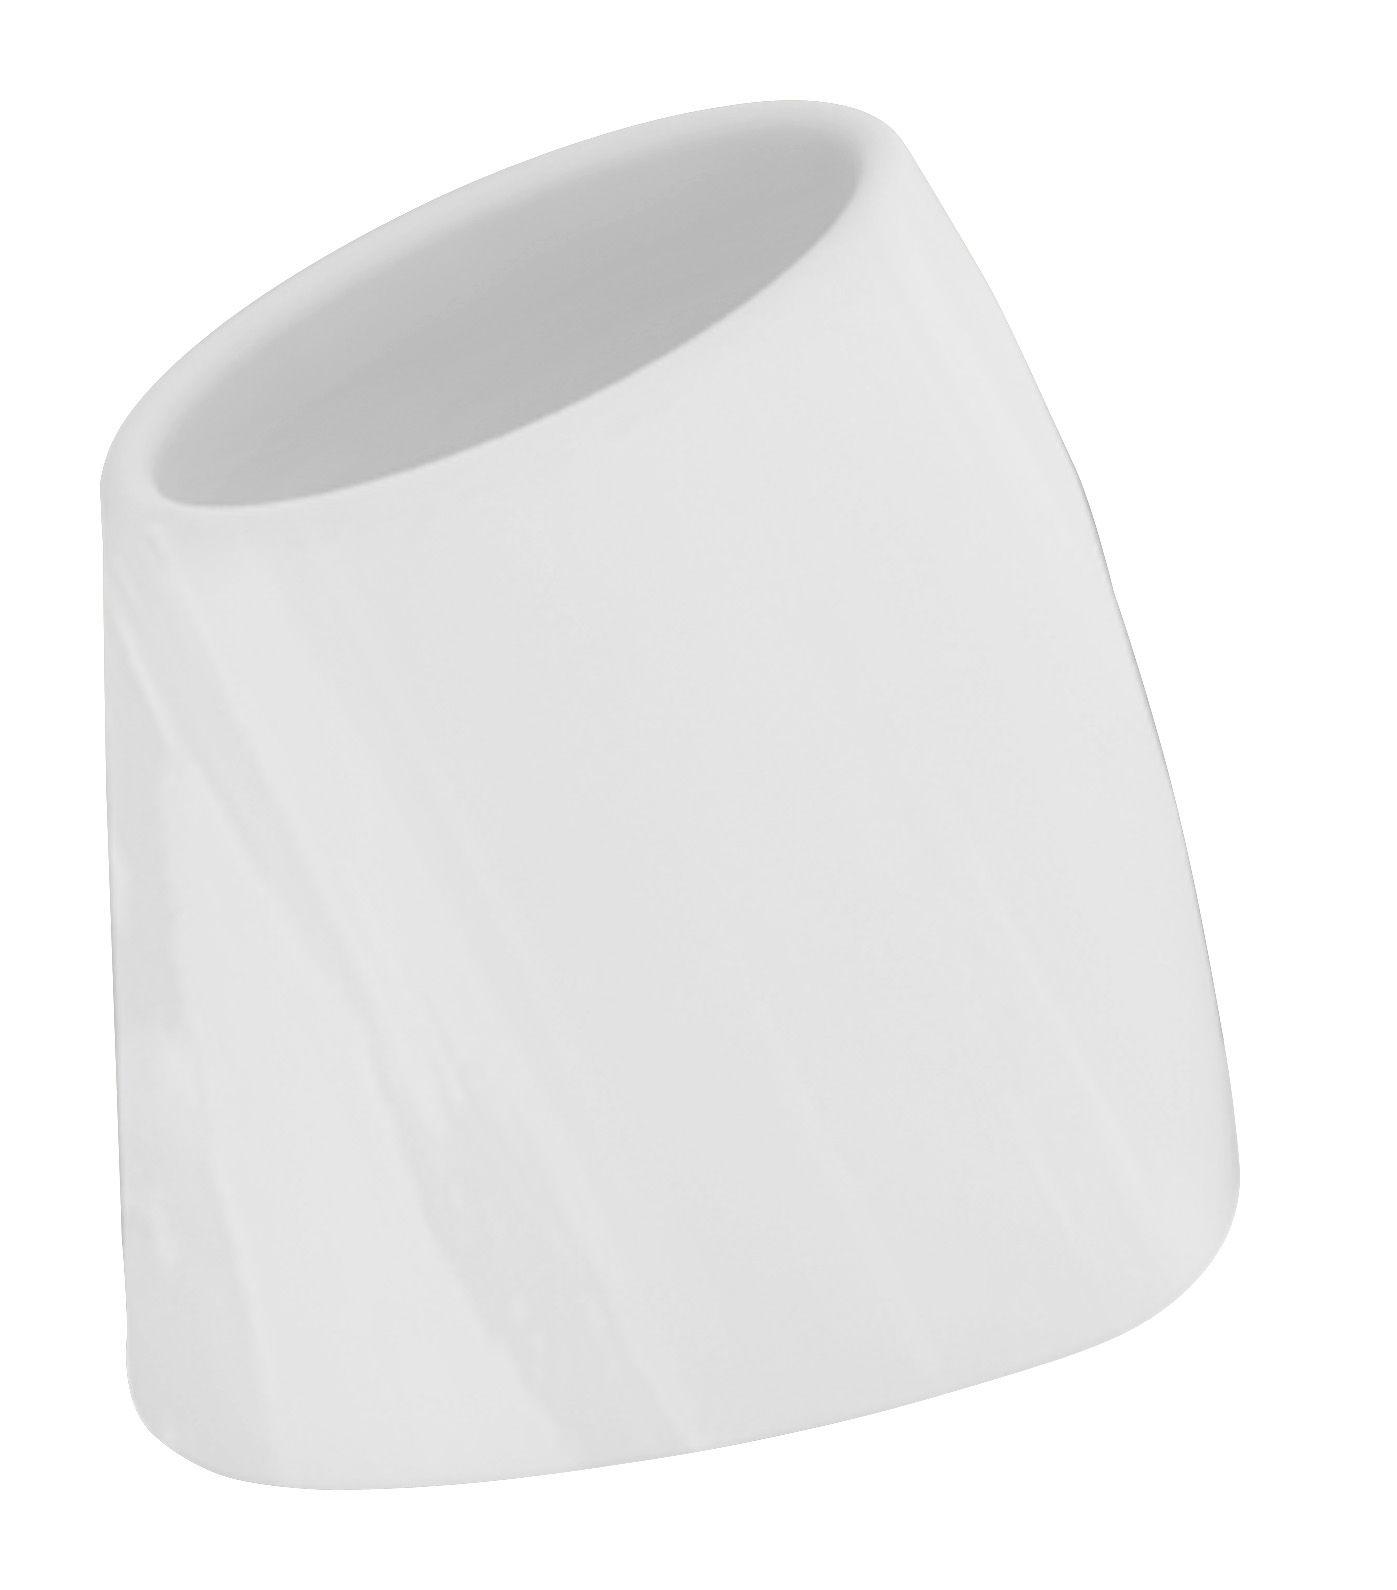 Outdoor - Pots et plantes - Pot de fleurs Tao M H 60 cm - Version laquée - MyYour - Blanc laqué - Polyéthylène rotomoulé laqué